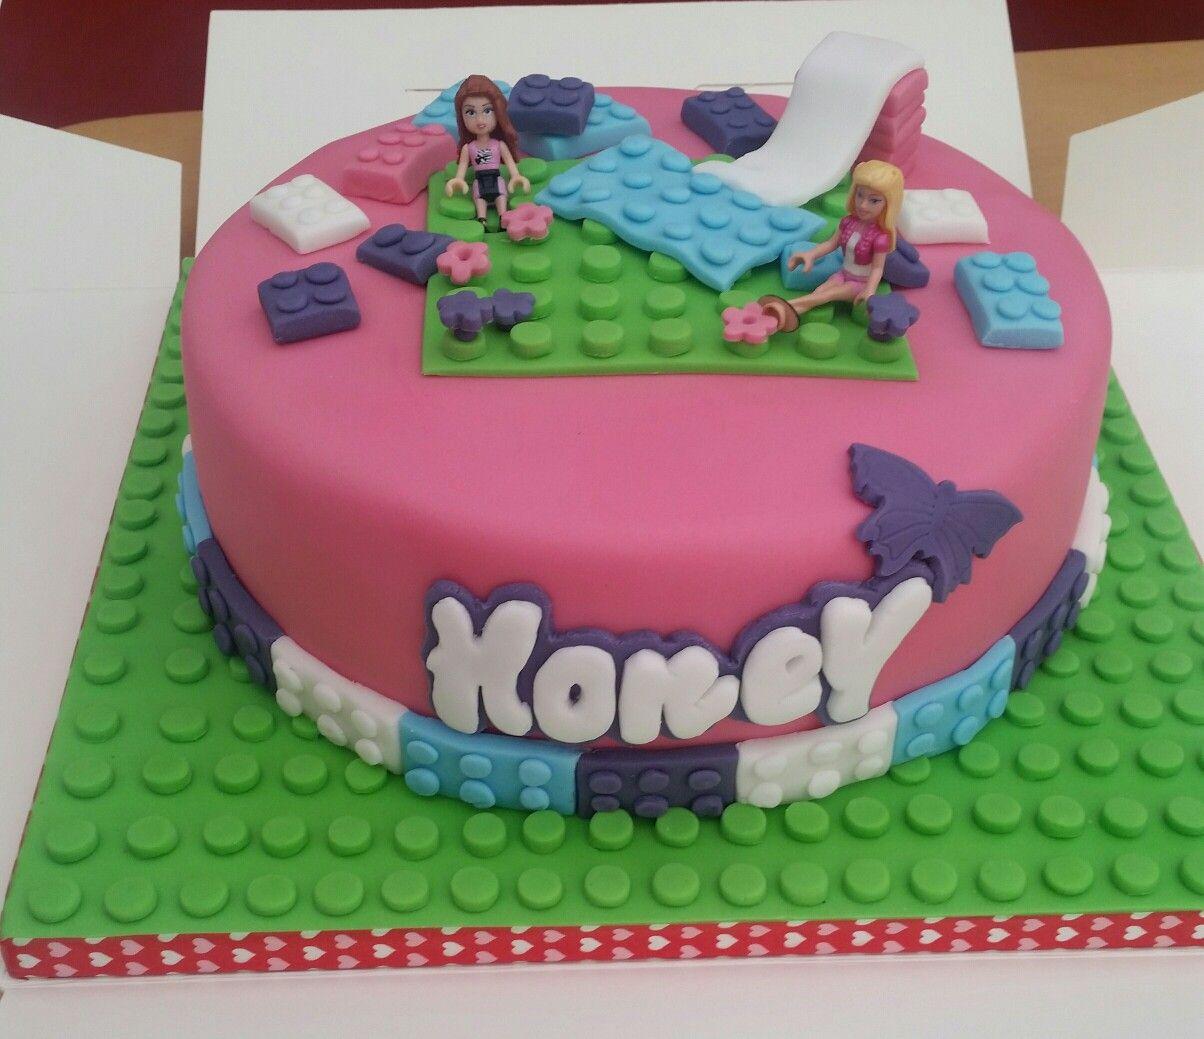 Lego Friends Birthday Cake Lego Birthday Cake